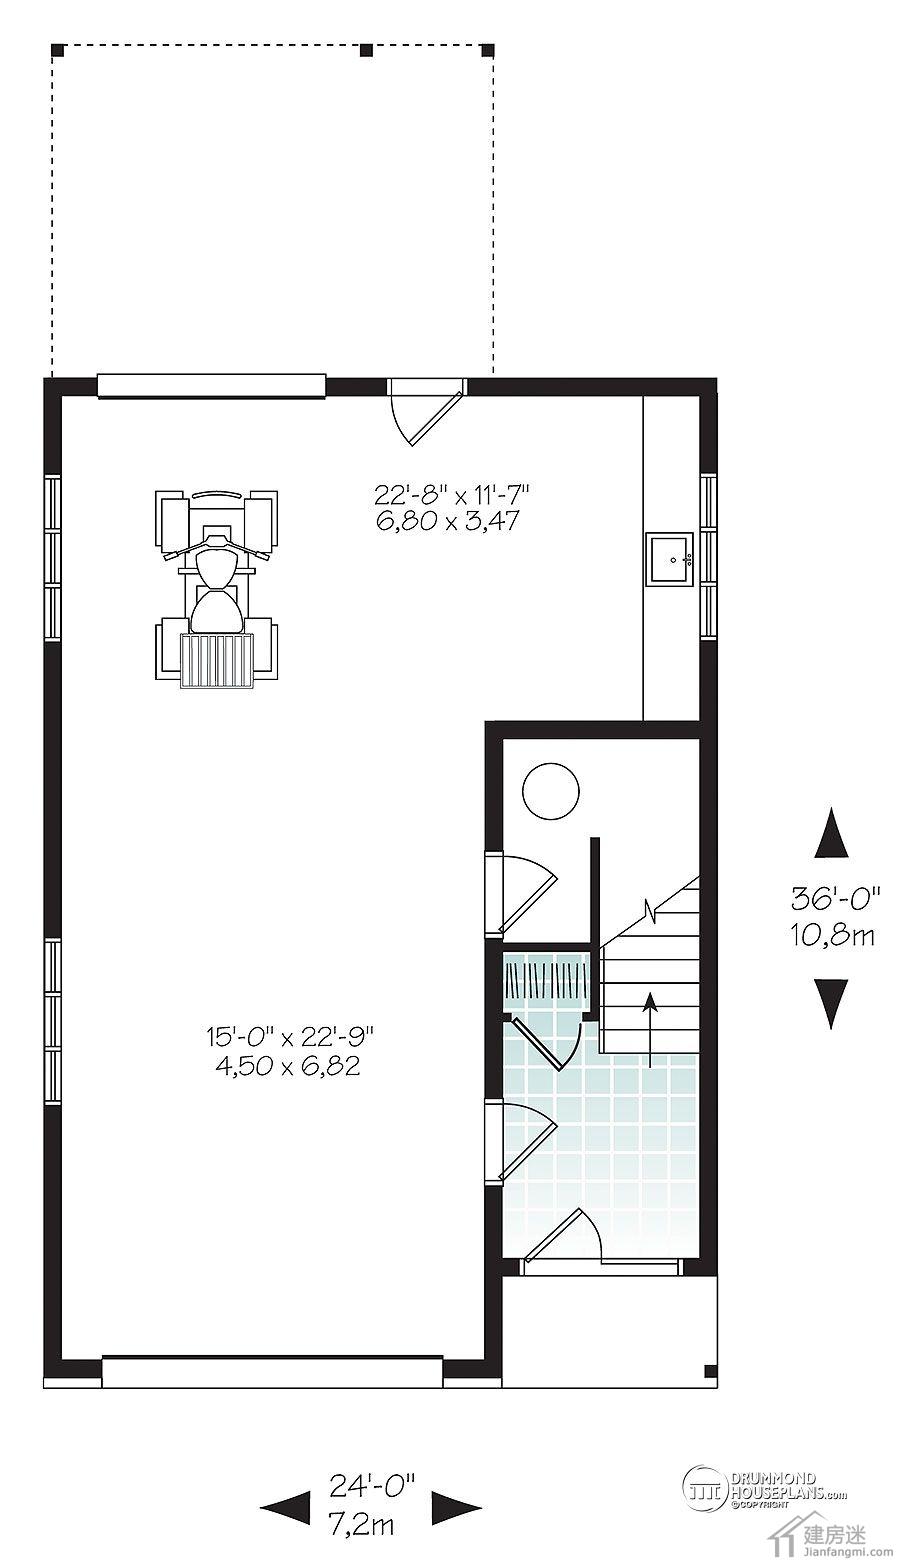 建房迷的朋友们新年快乐,节后分享给大家一套70平米的小户型农村自建房设计图,面宽7.2米,进伸10.8米,对于很多宅基地比较紧张的地区,这样的面积还是比较常见的。不过比较遗憾的就是只设置一个房间,车库占了比较大的位置。 下面是外观图-农村自建房设计图7米X10米两层两大间带车库轻钢轻木结构设计图 [attach]6484[/attach] 一层平面图-农村自建房设计图7米X10米两层两大间带车库轻钢轻木结构设计图 [attach]6485[/attach] 二层平面图,其实大家可以将二层当作一层,然后二层